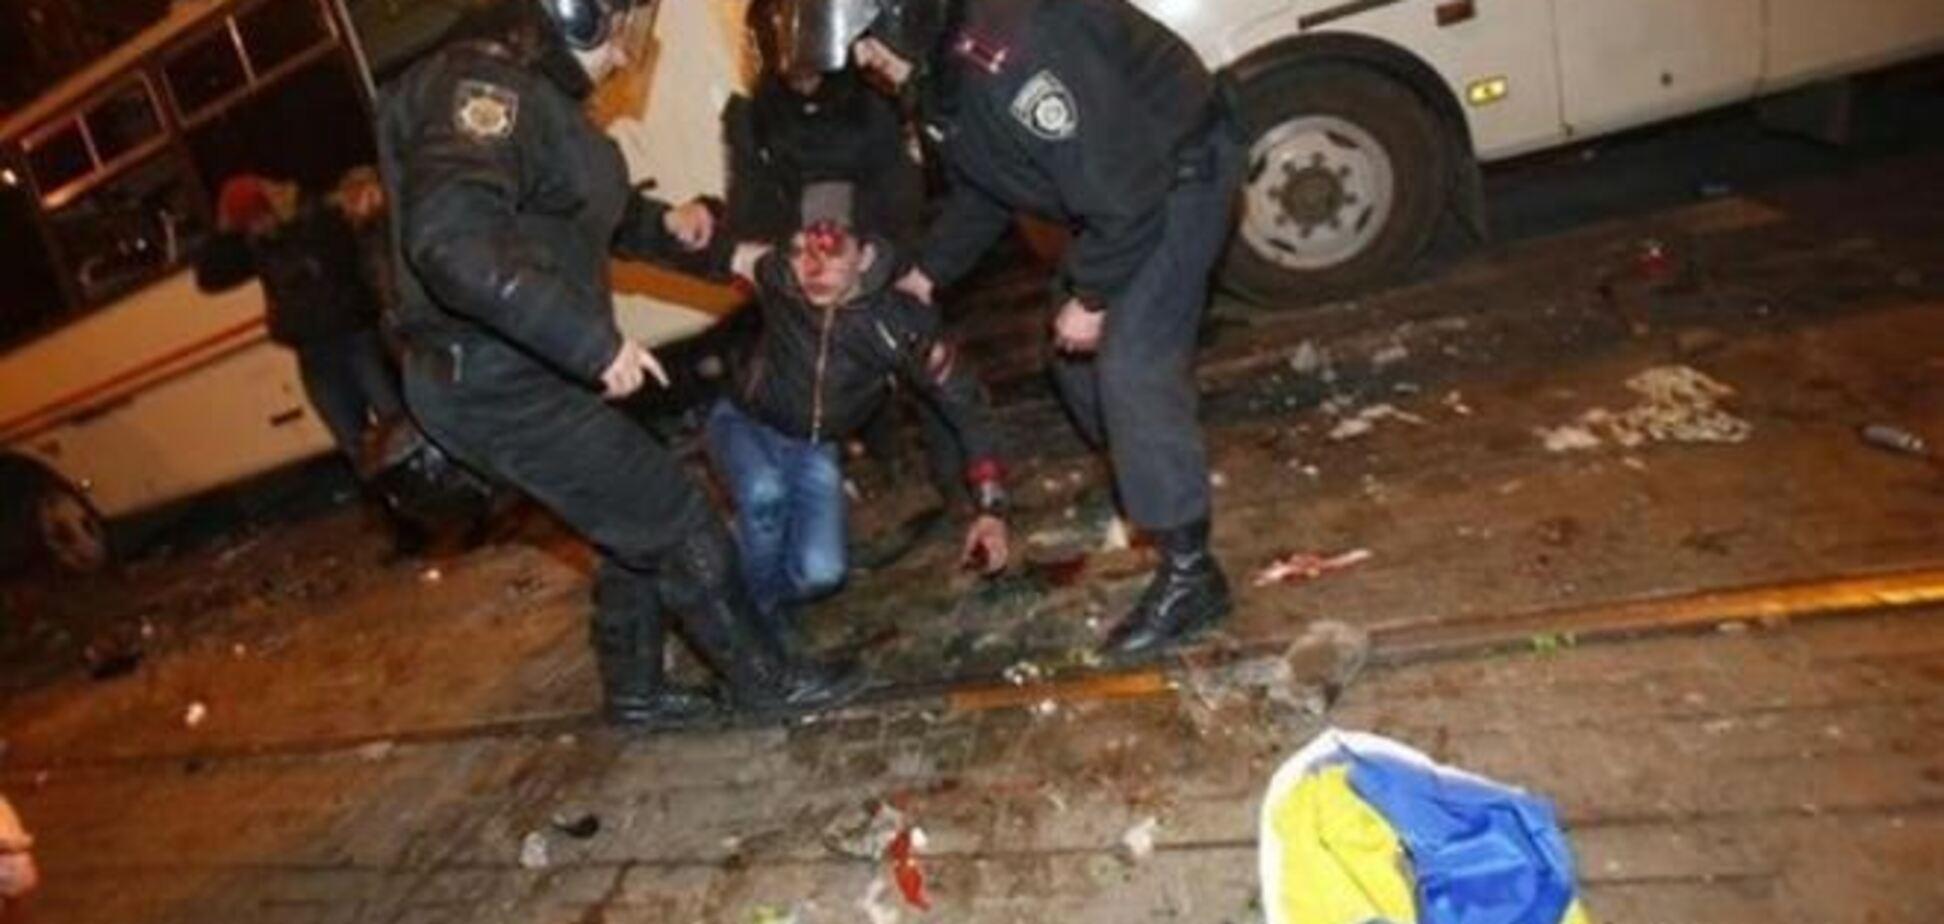 Погибших в Донецке уже двое, число жертв может увеличиться